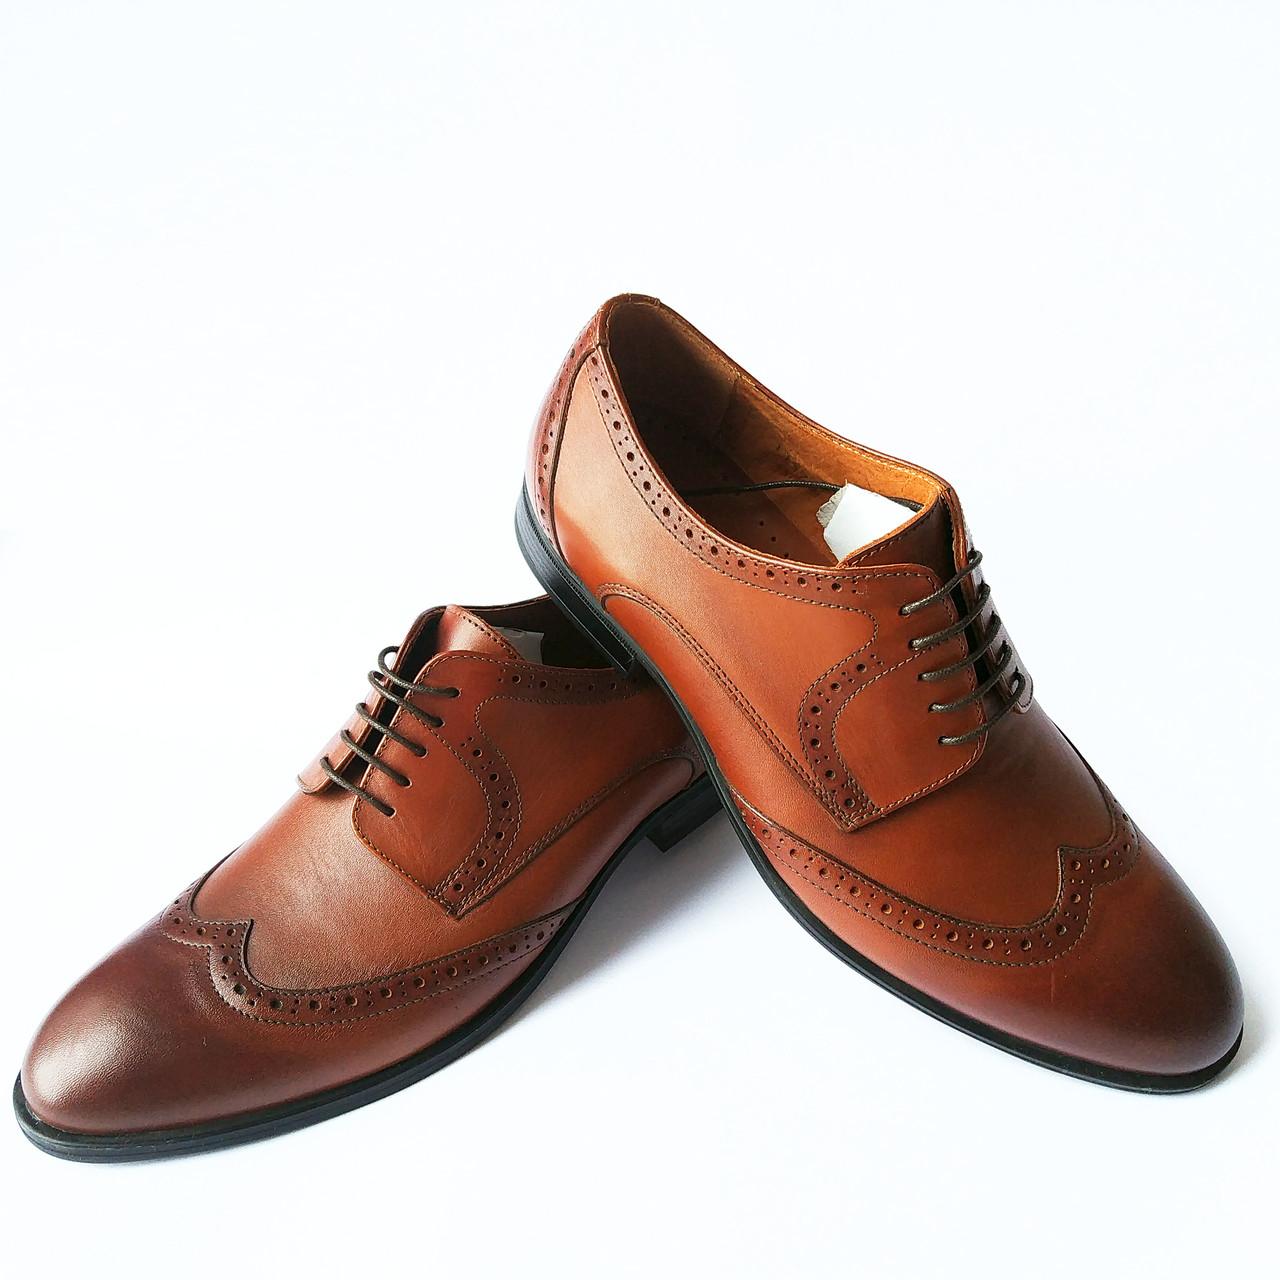 fd597cd0435c Стильная обувь Икос   мужские кожаные туфли, коричневого цвета,  тонированные с перорацией - Интернет